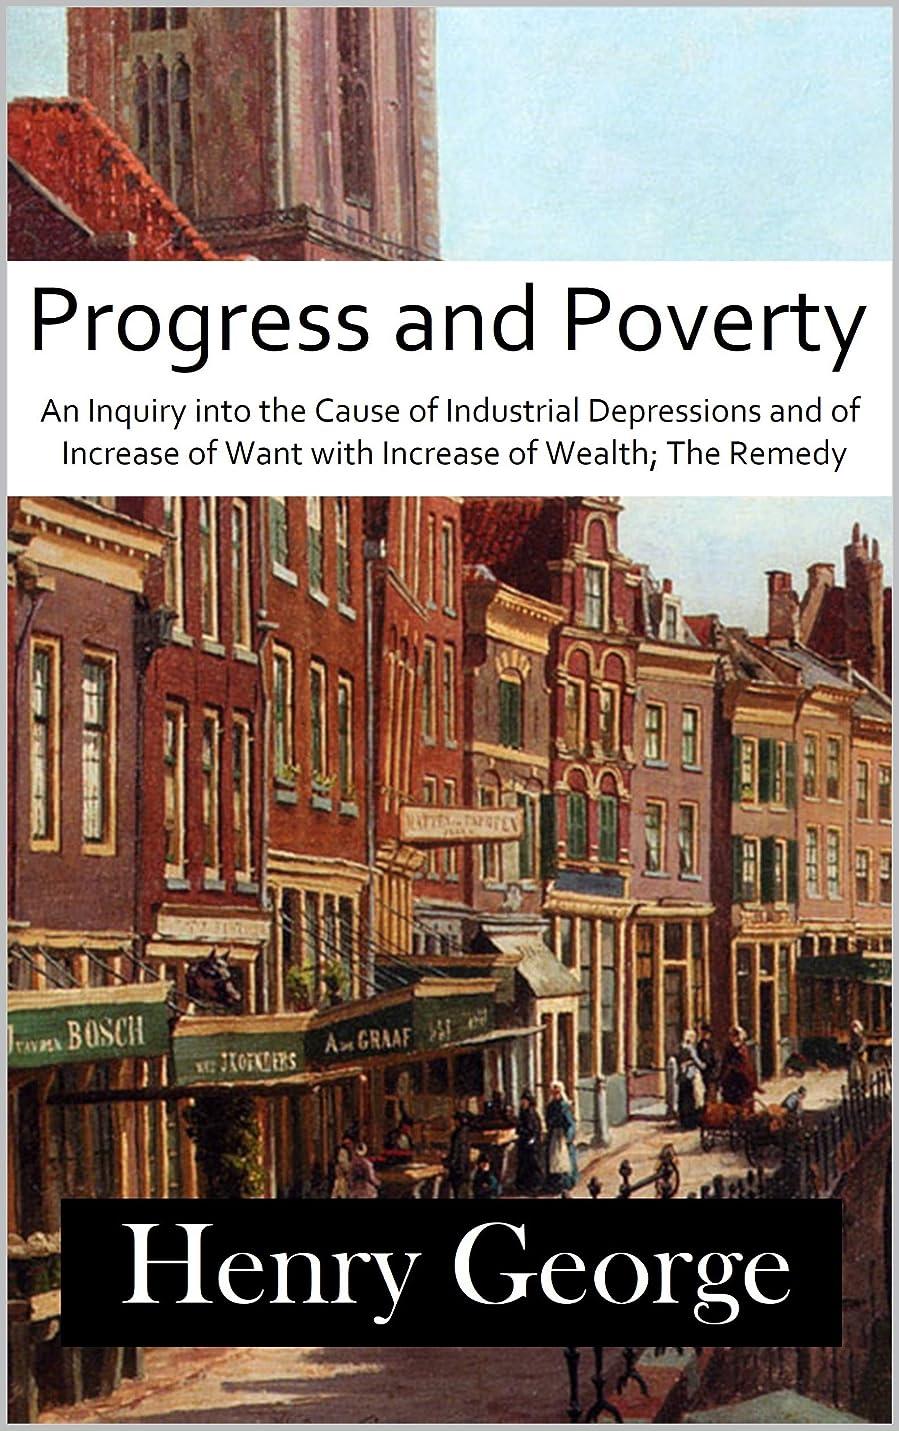 ニューススタウトカスタムProgress and Poverty: An Inquiry into the Cause of Industrial Depressions and of Increase of Want with Increase of Wealth; The Remedy (English Edition)